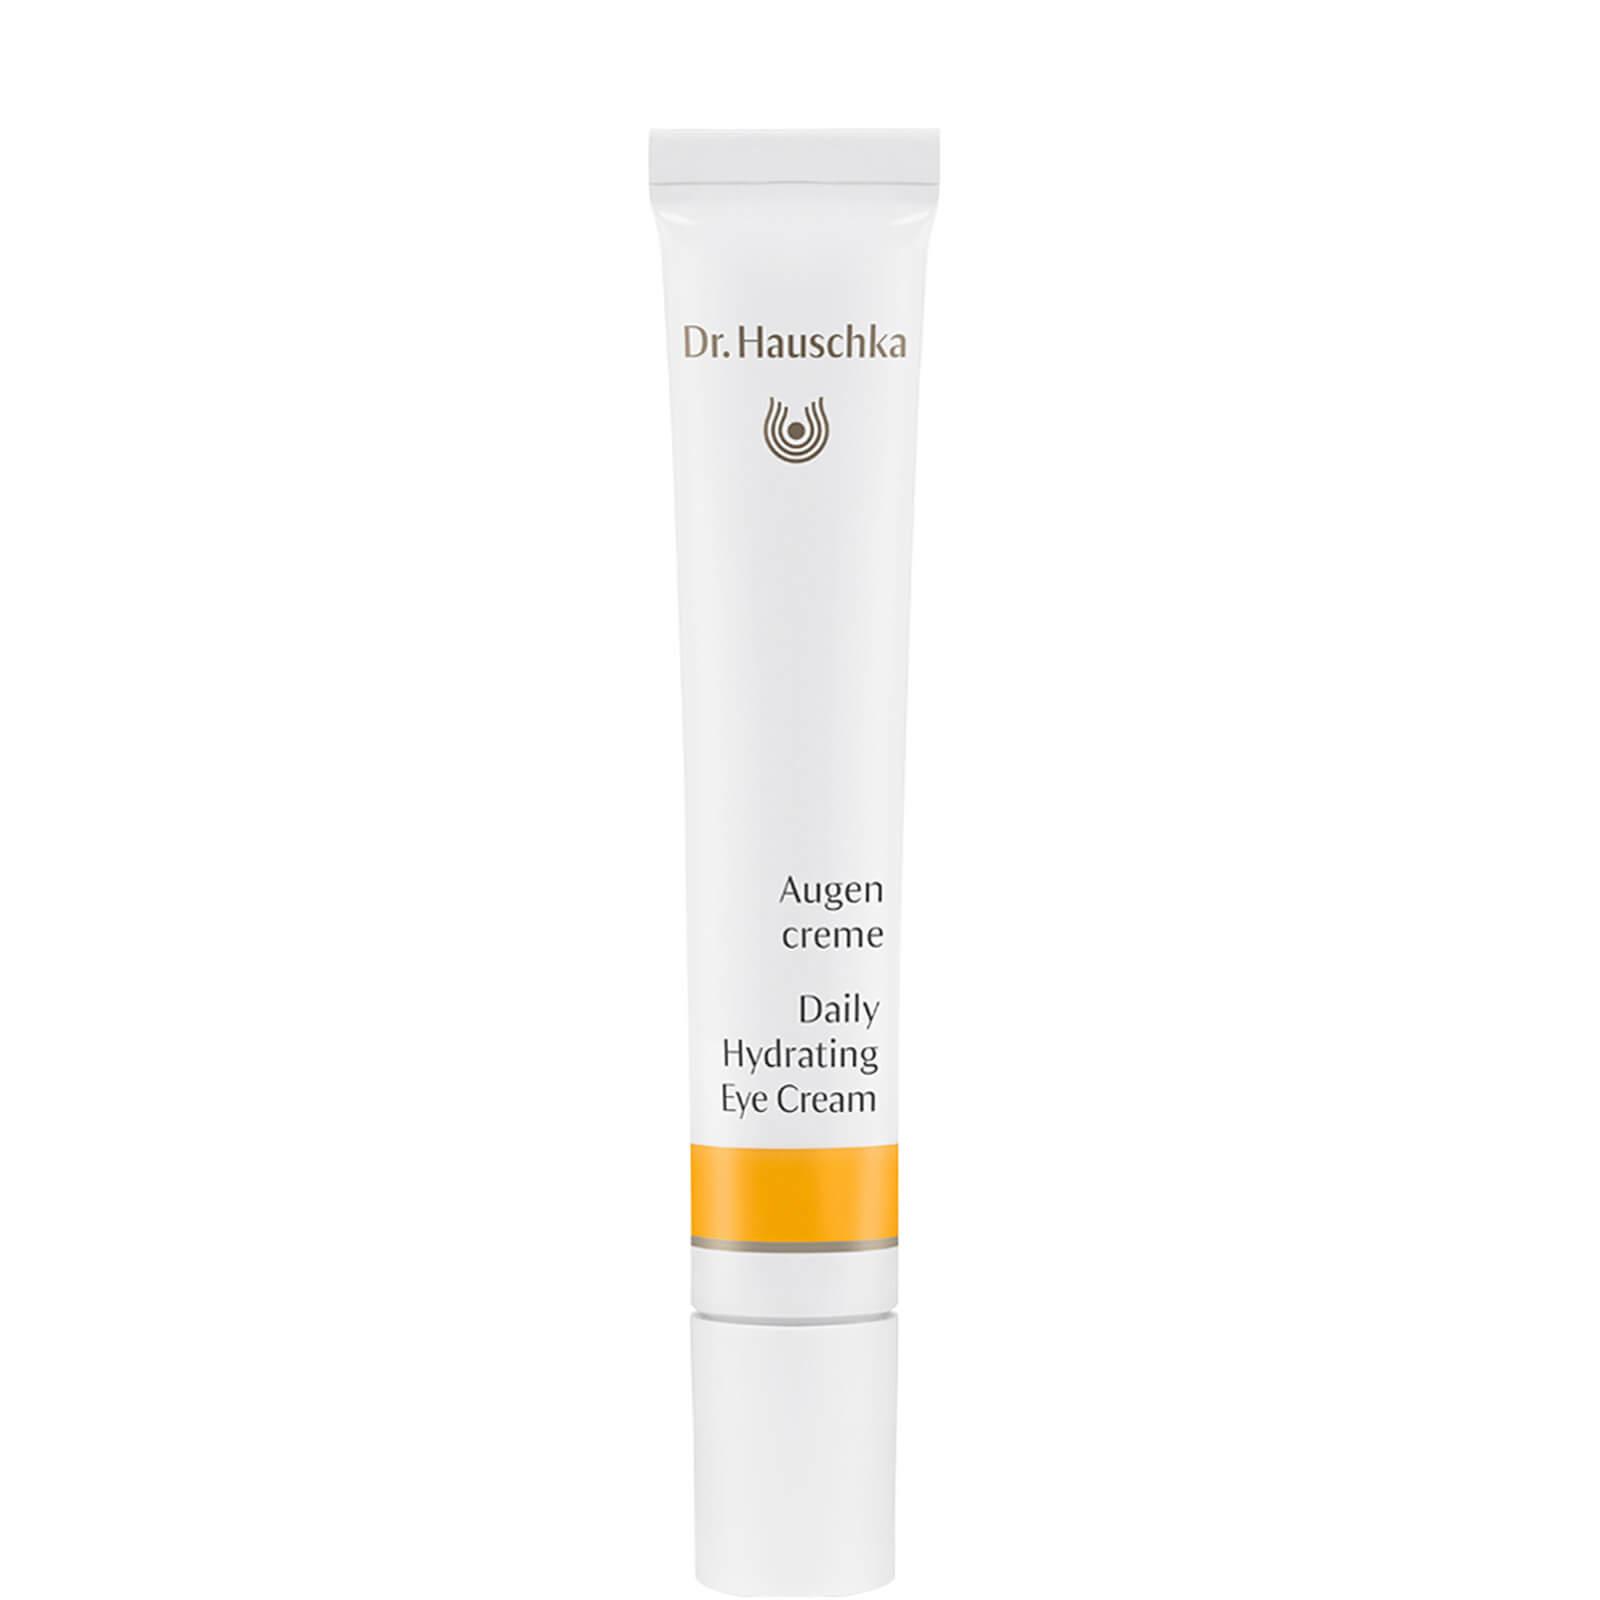 Купить Увлажняющий крем для кожи вокруг глаз Dr. Hauschka Daily Hydrating Eye Cream 12, 5мл